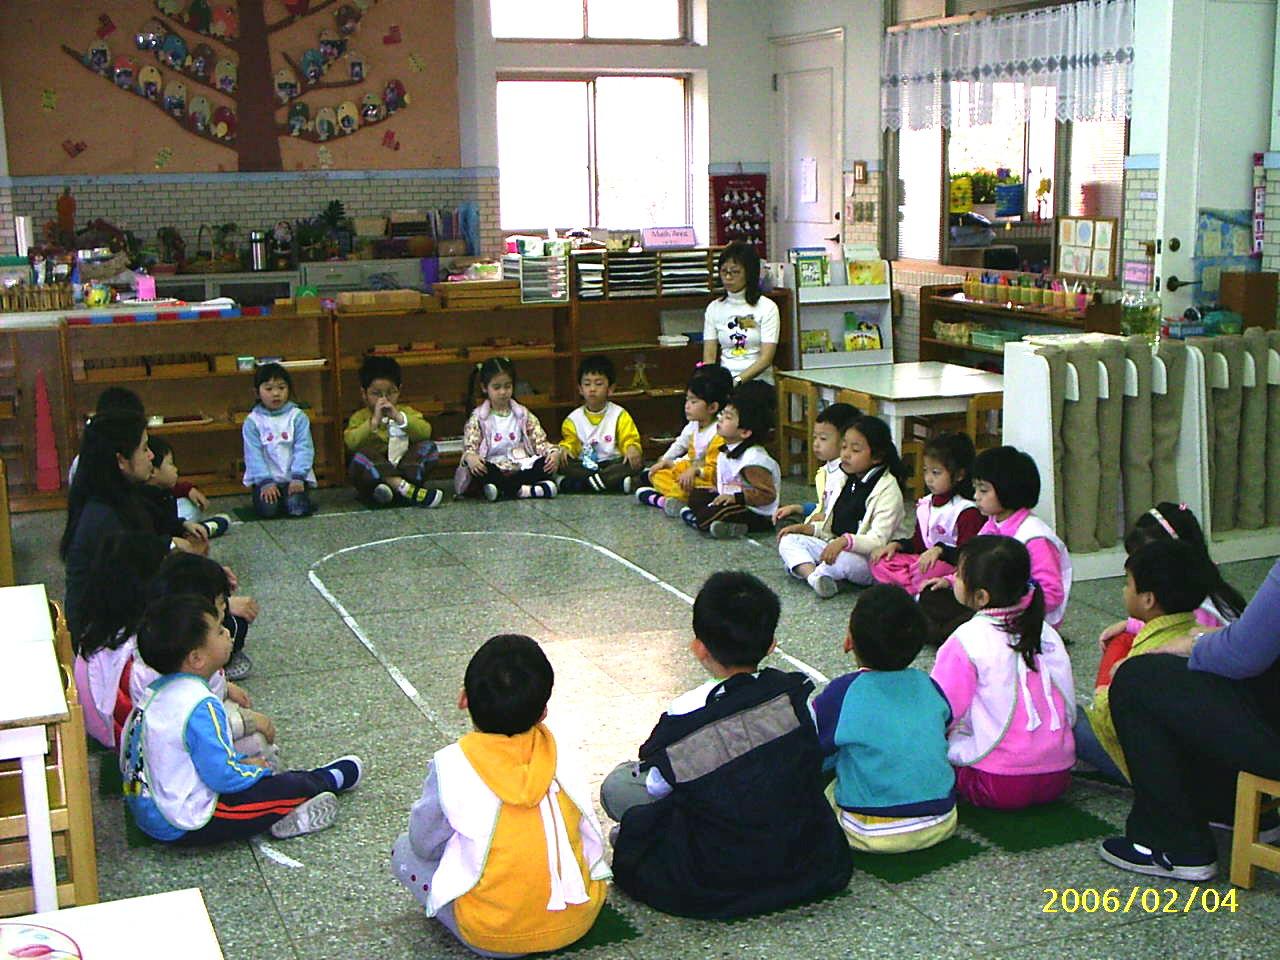 帮助孩子由户外的嘻笑游戏中转换到教室上课的心情,我们以柔和的音乐